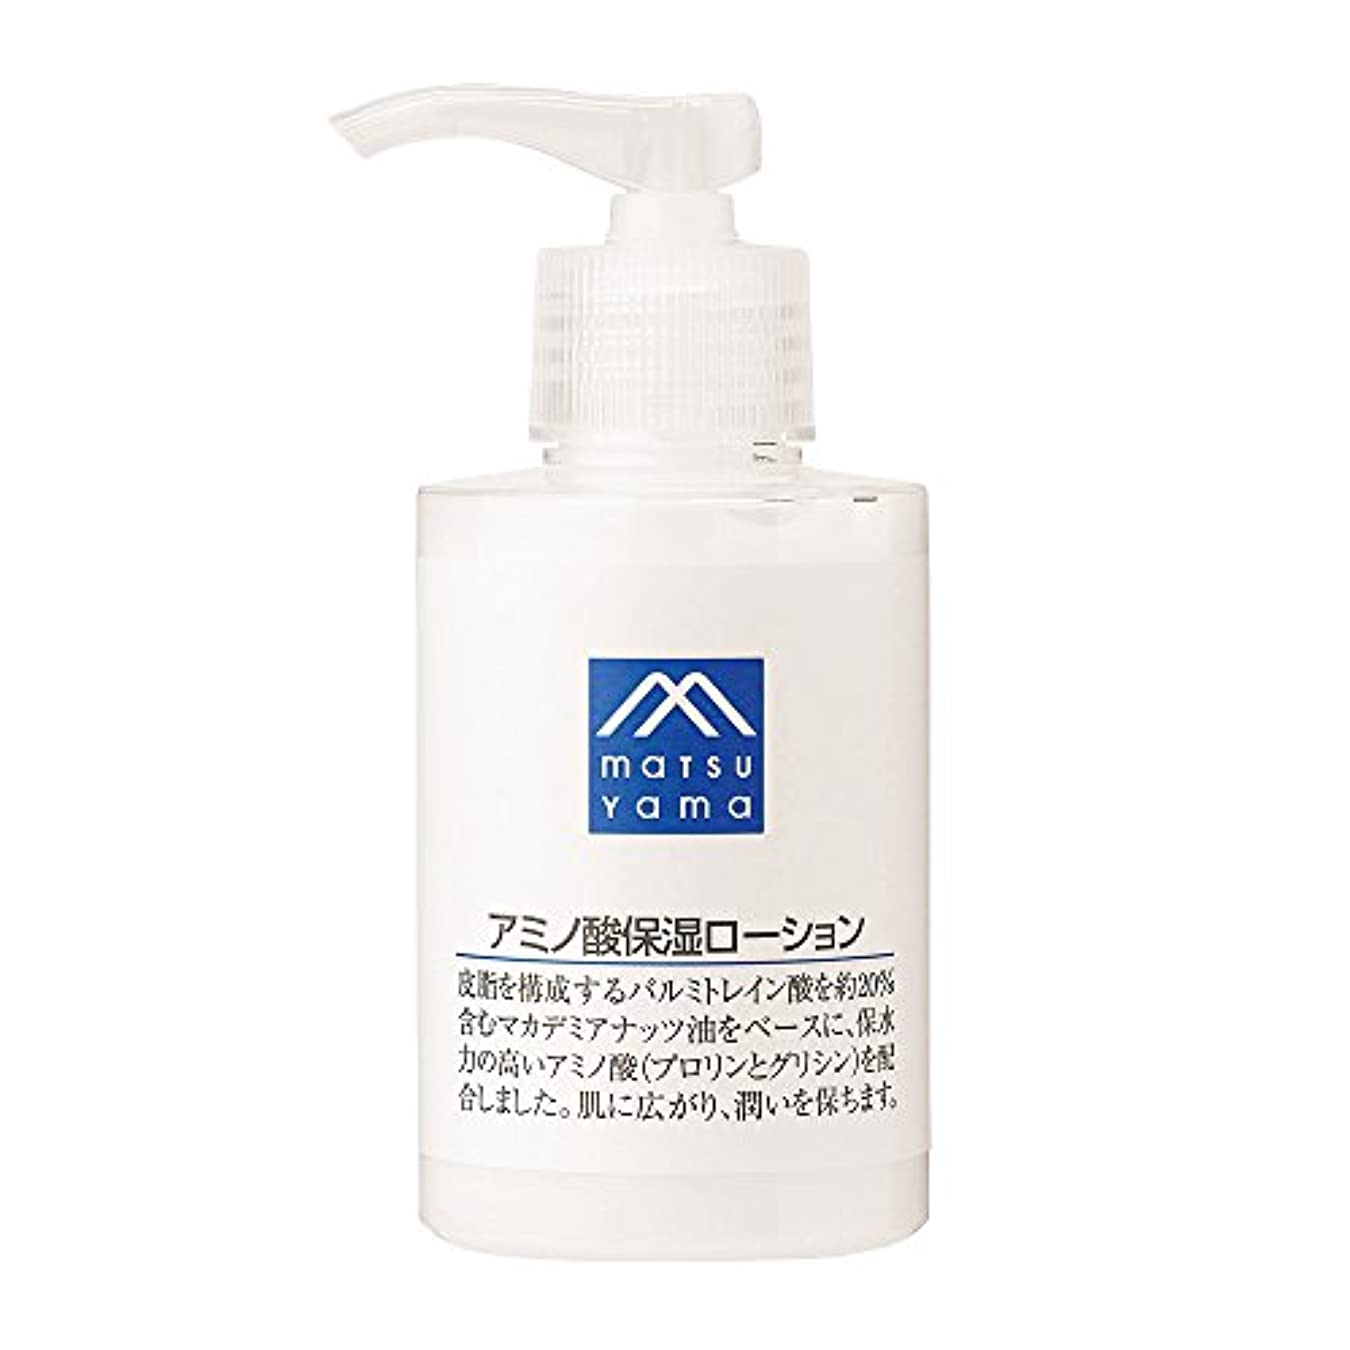 忘れられない添加剤チャーターM-mark アミノ酸保湿ローション